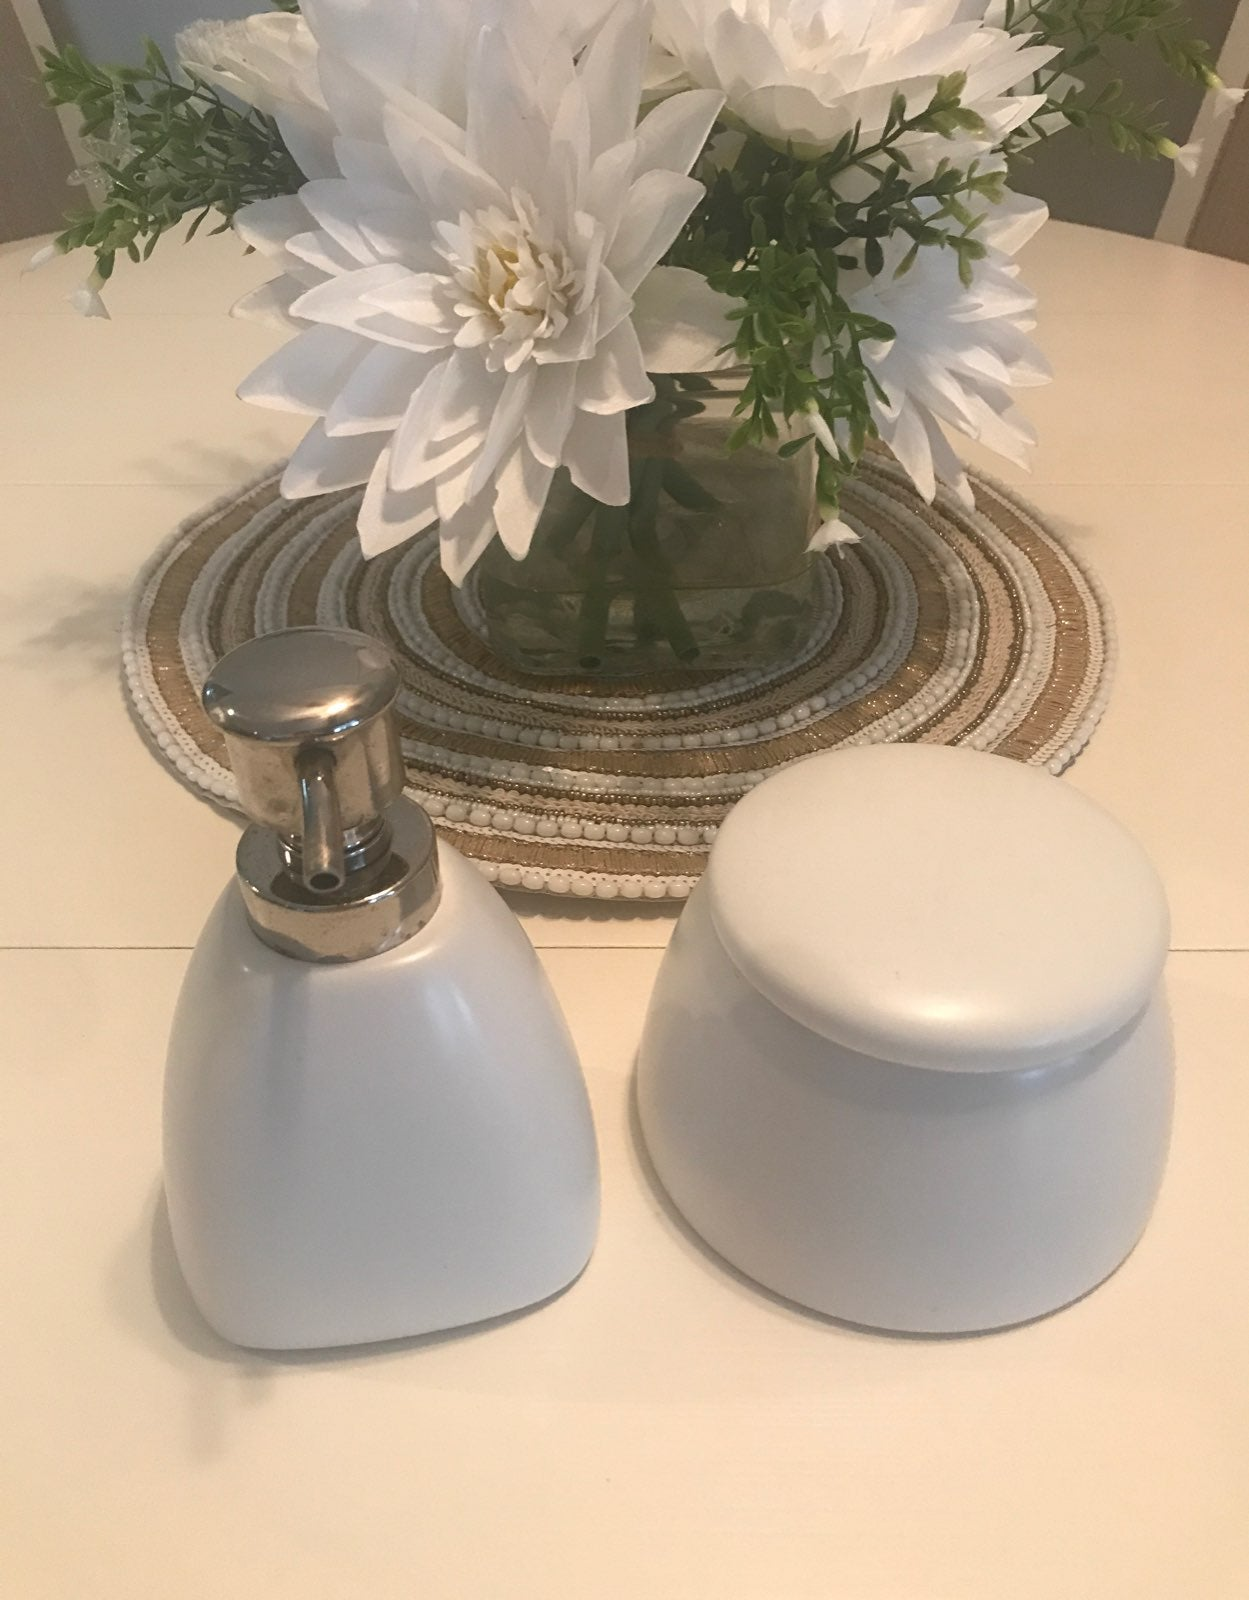 Umbra soap dispenser & storage container